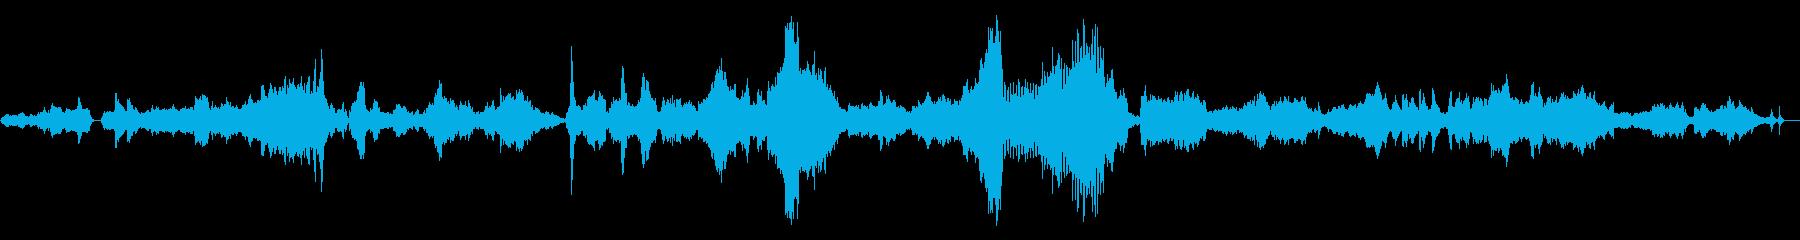 幻想的でけだるく暗い雰囲気のクラシック曲の再生済みの波形